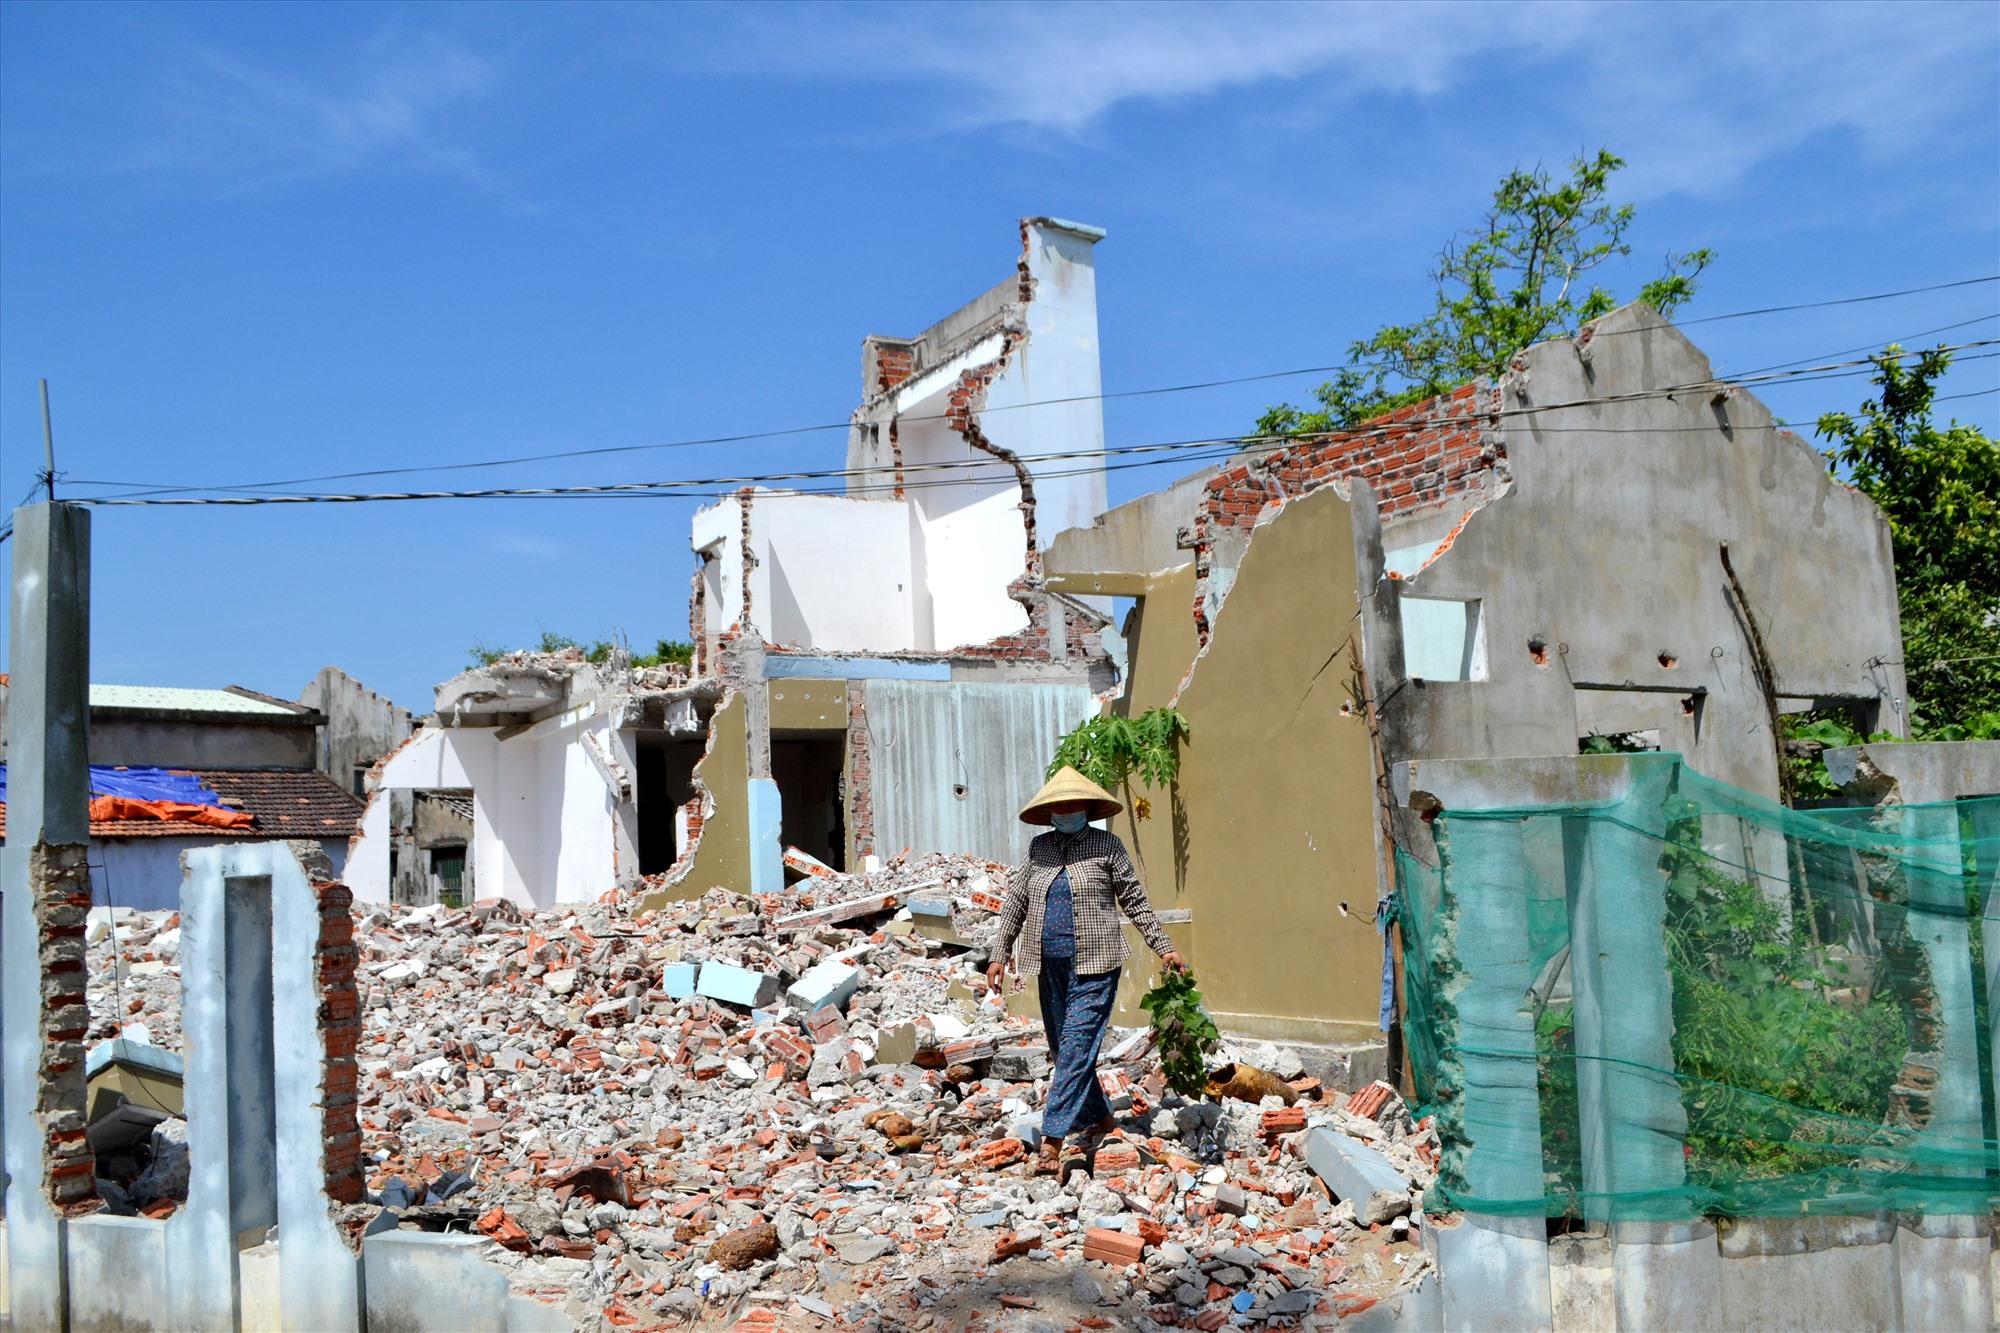 Một hộ dân ở xã Bình Đào đã tháo gỡ nhà để bàn giao mặt bằng. Ảnh: CT